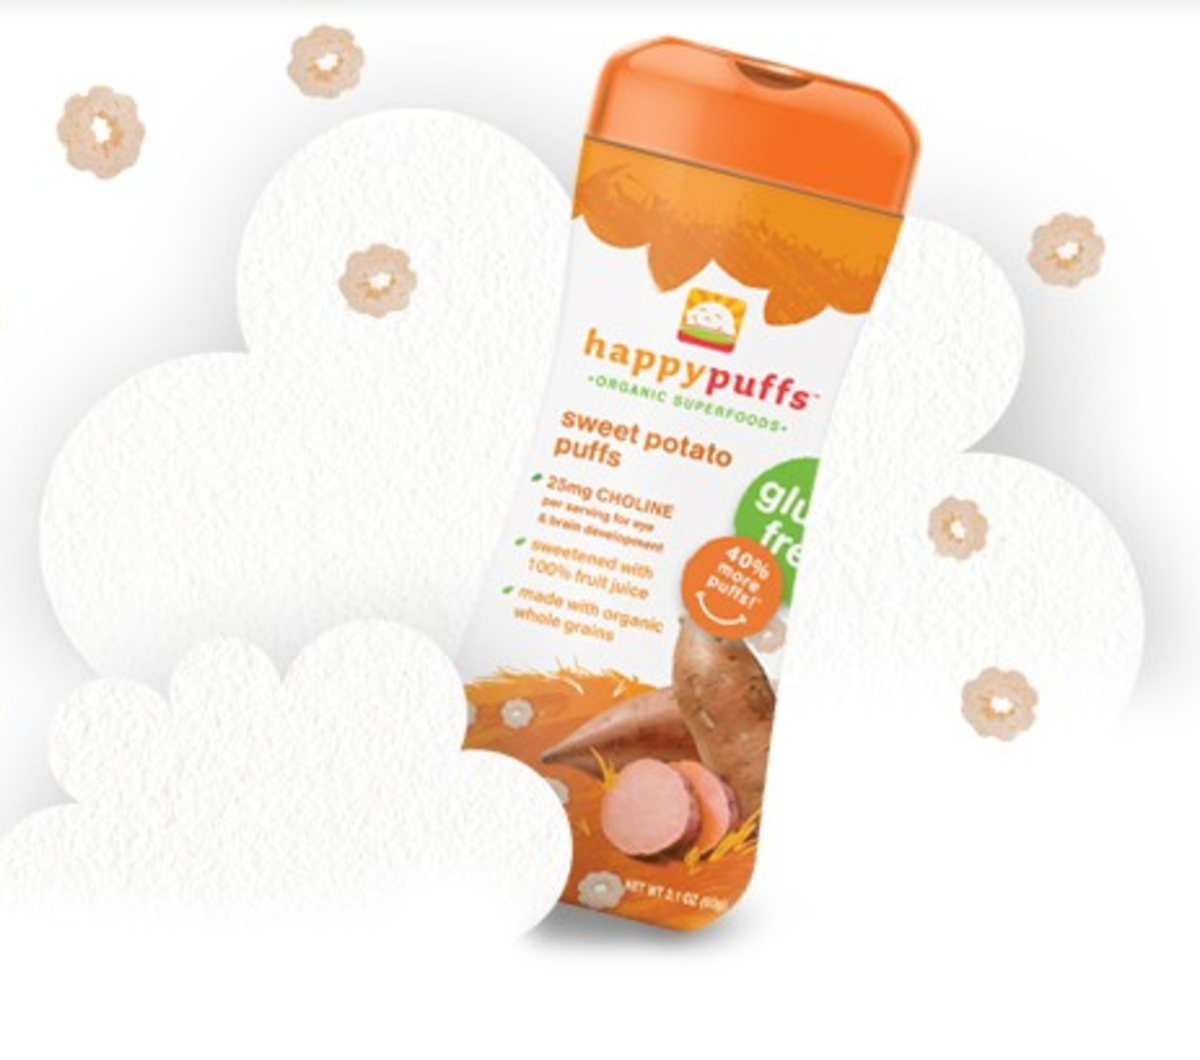 Happy Puffs